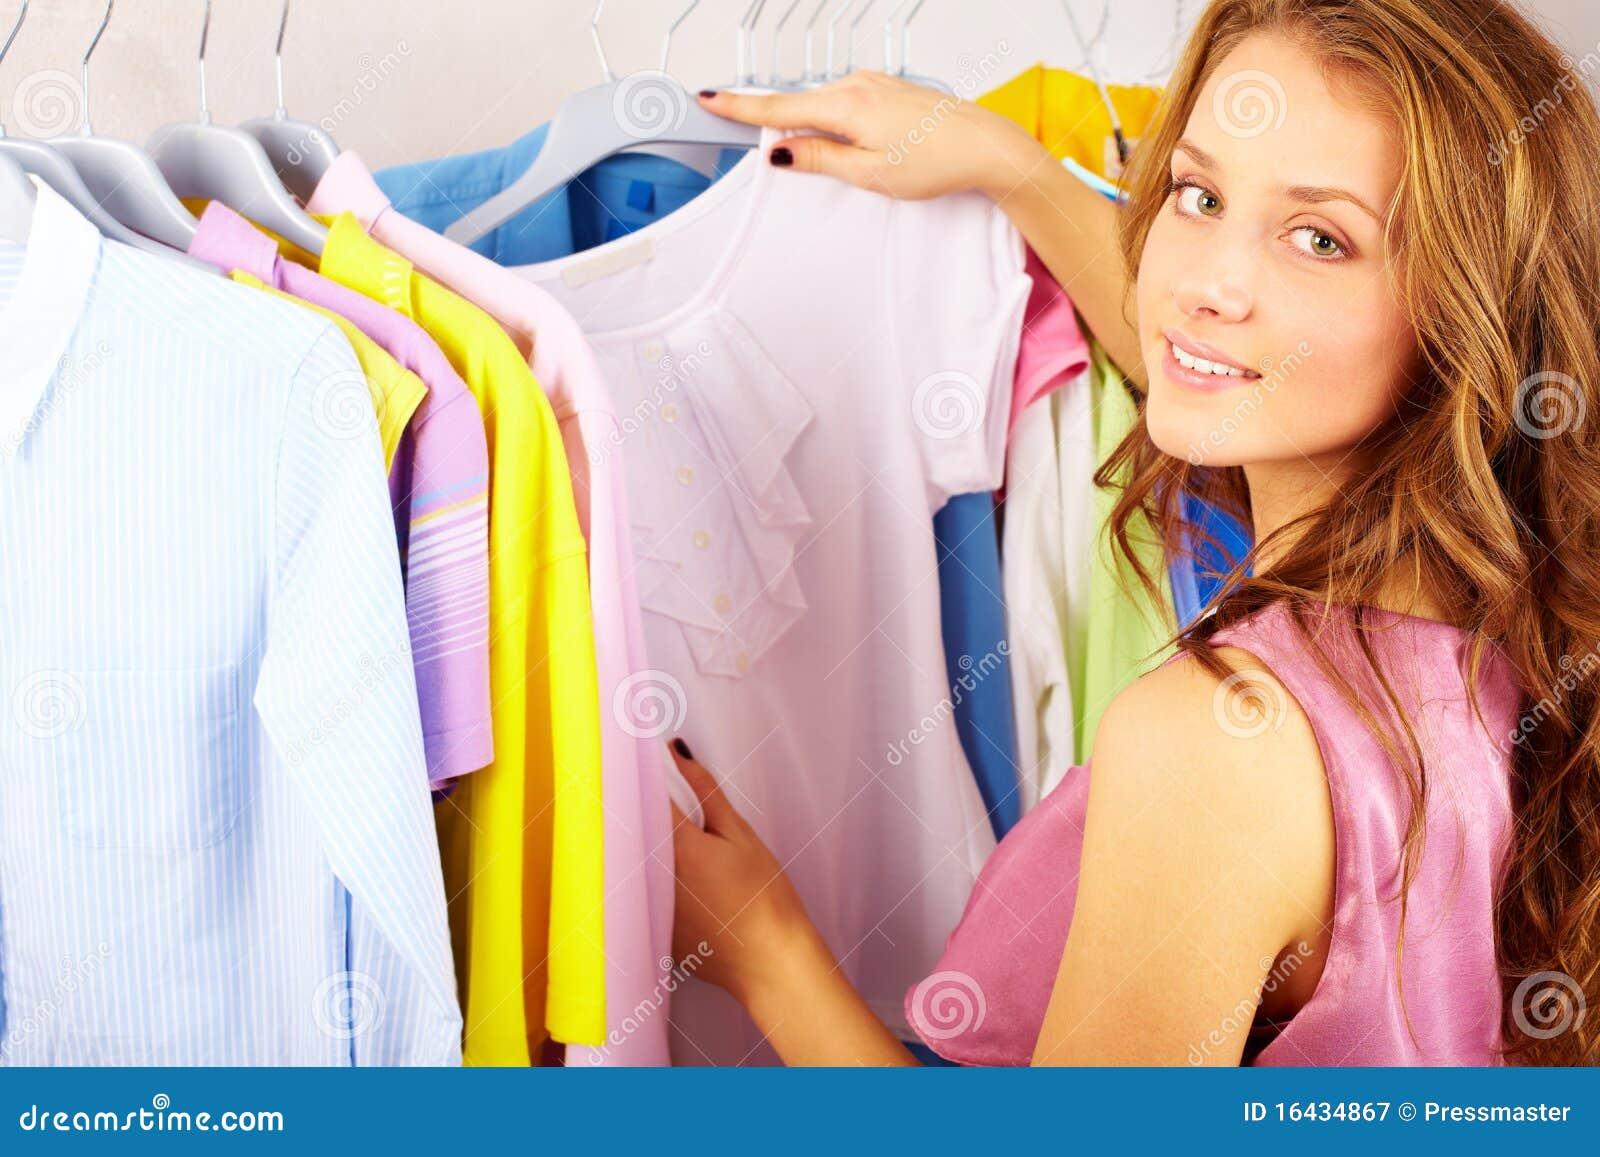 Фото девушек с одетыми прокладками 5 фотография